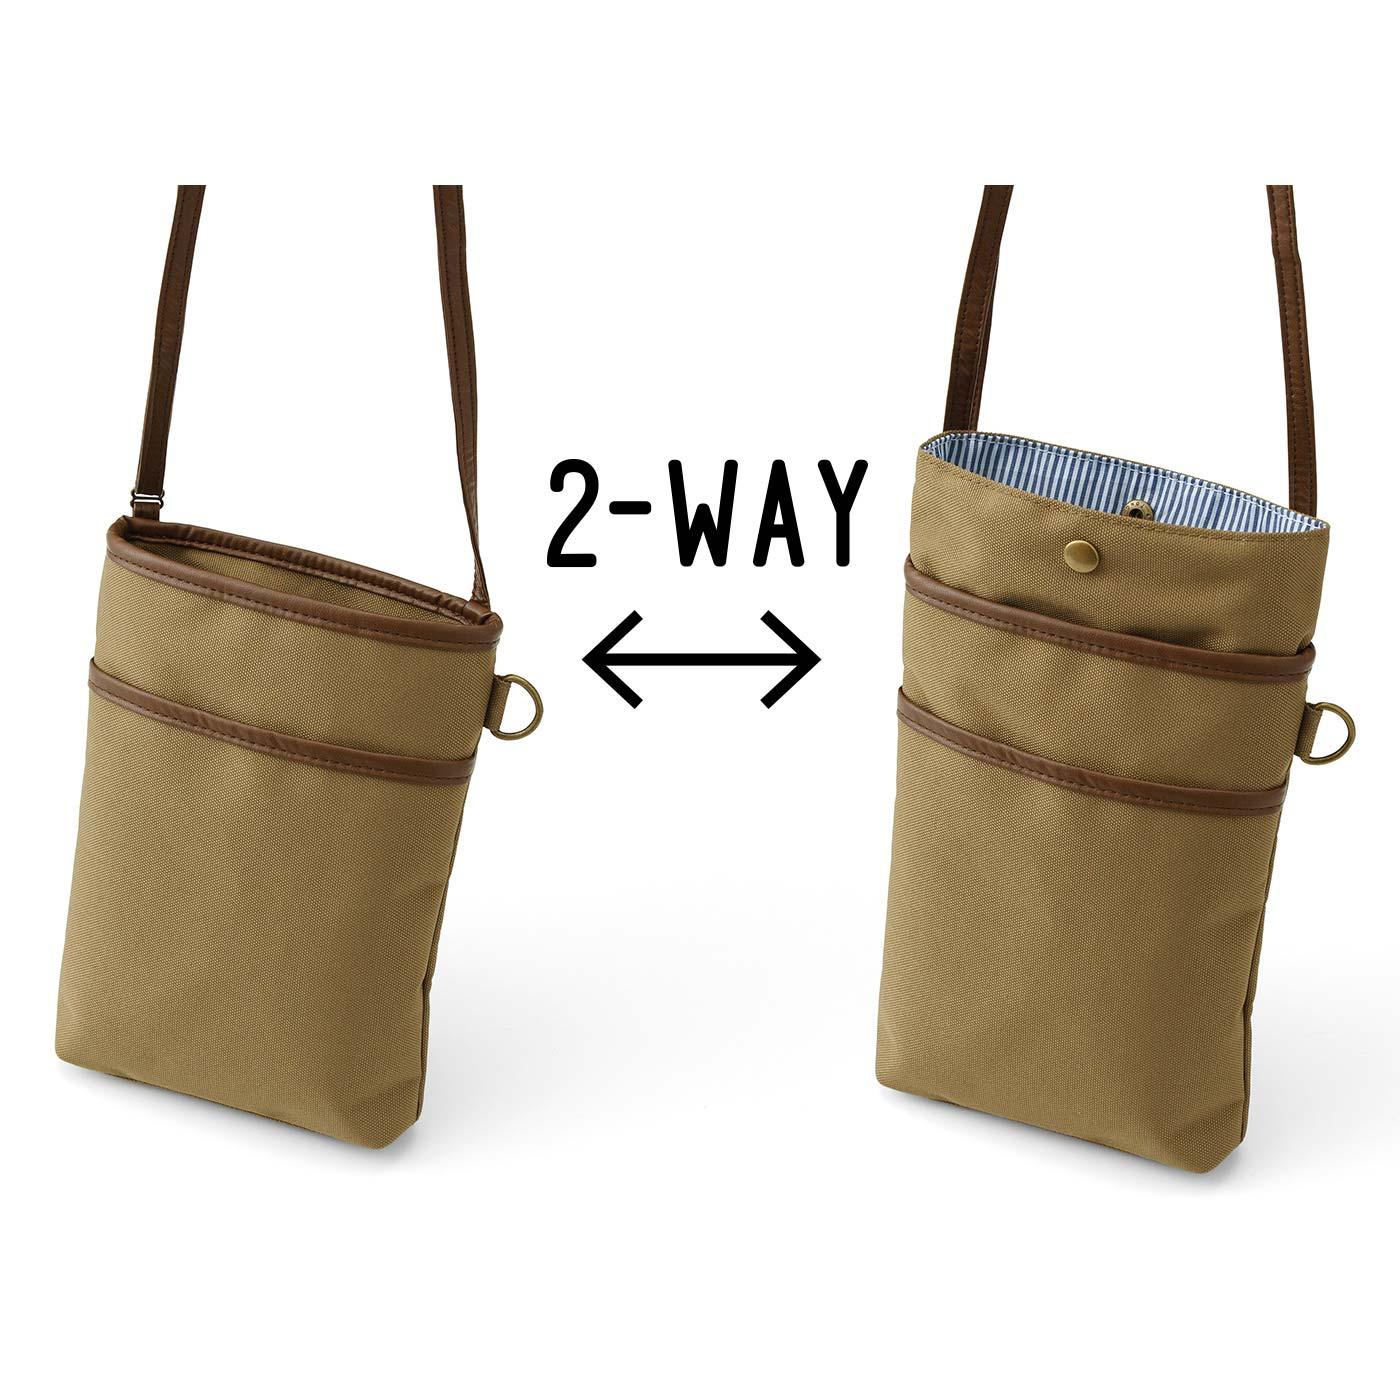 縦の長さを2段階に、調節可能。長く伸ばしたときは、開口部をスナップで留められます。裏地はスタイリッシュなストライプ柄。